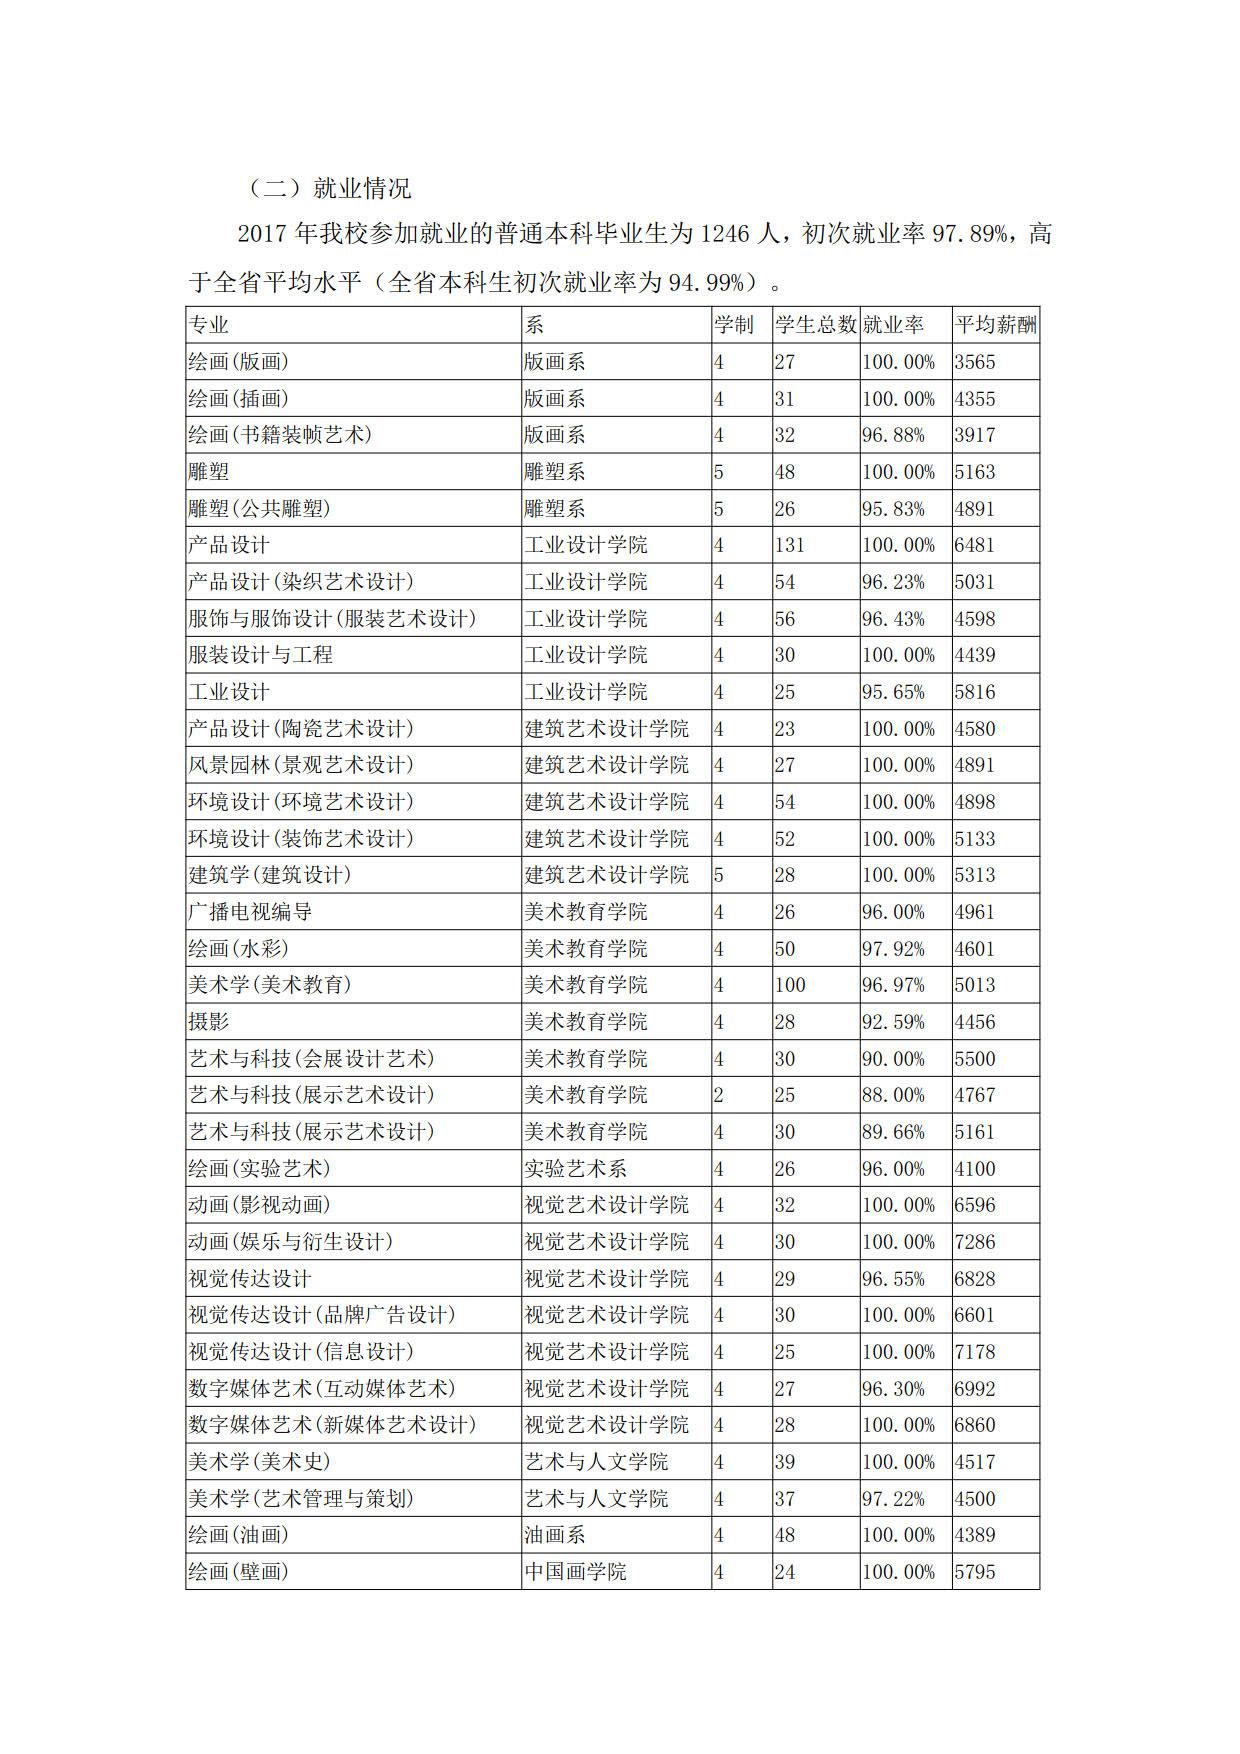 广州美术学院2017届本科毕业生最终就业情况统计表